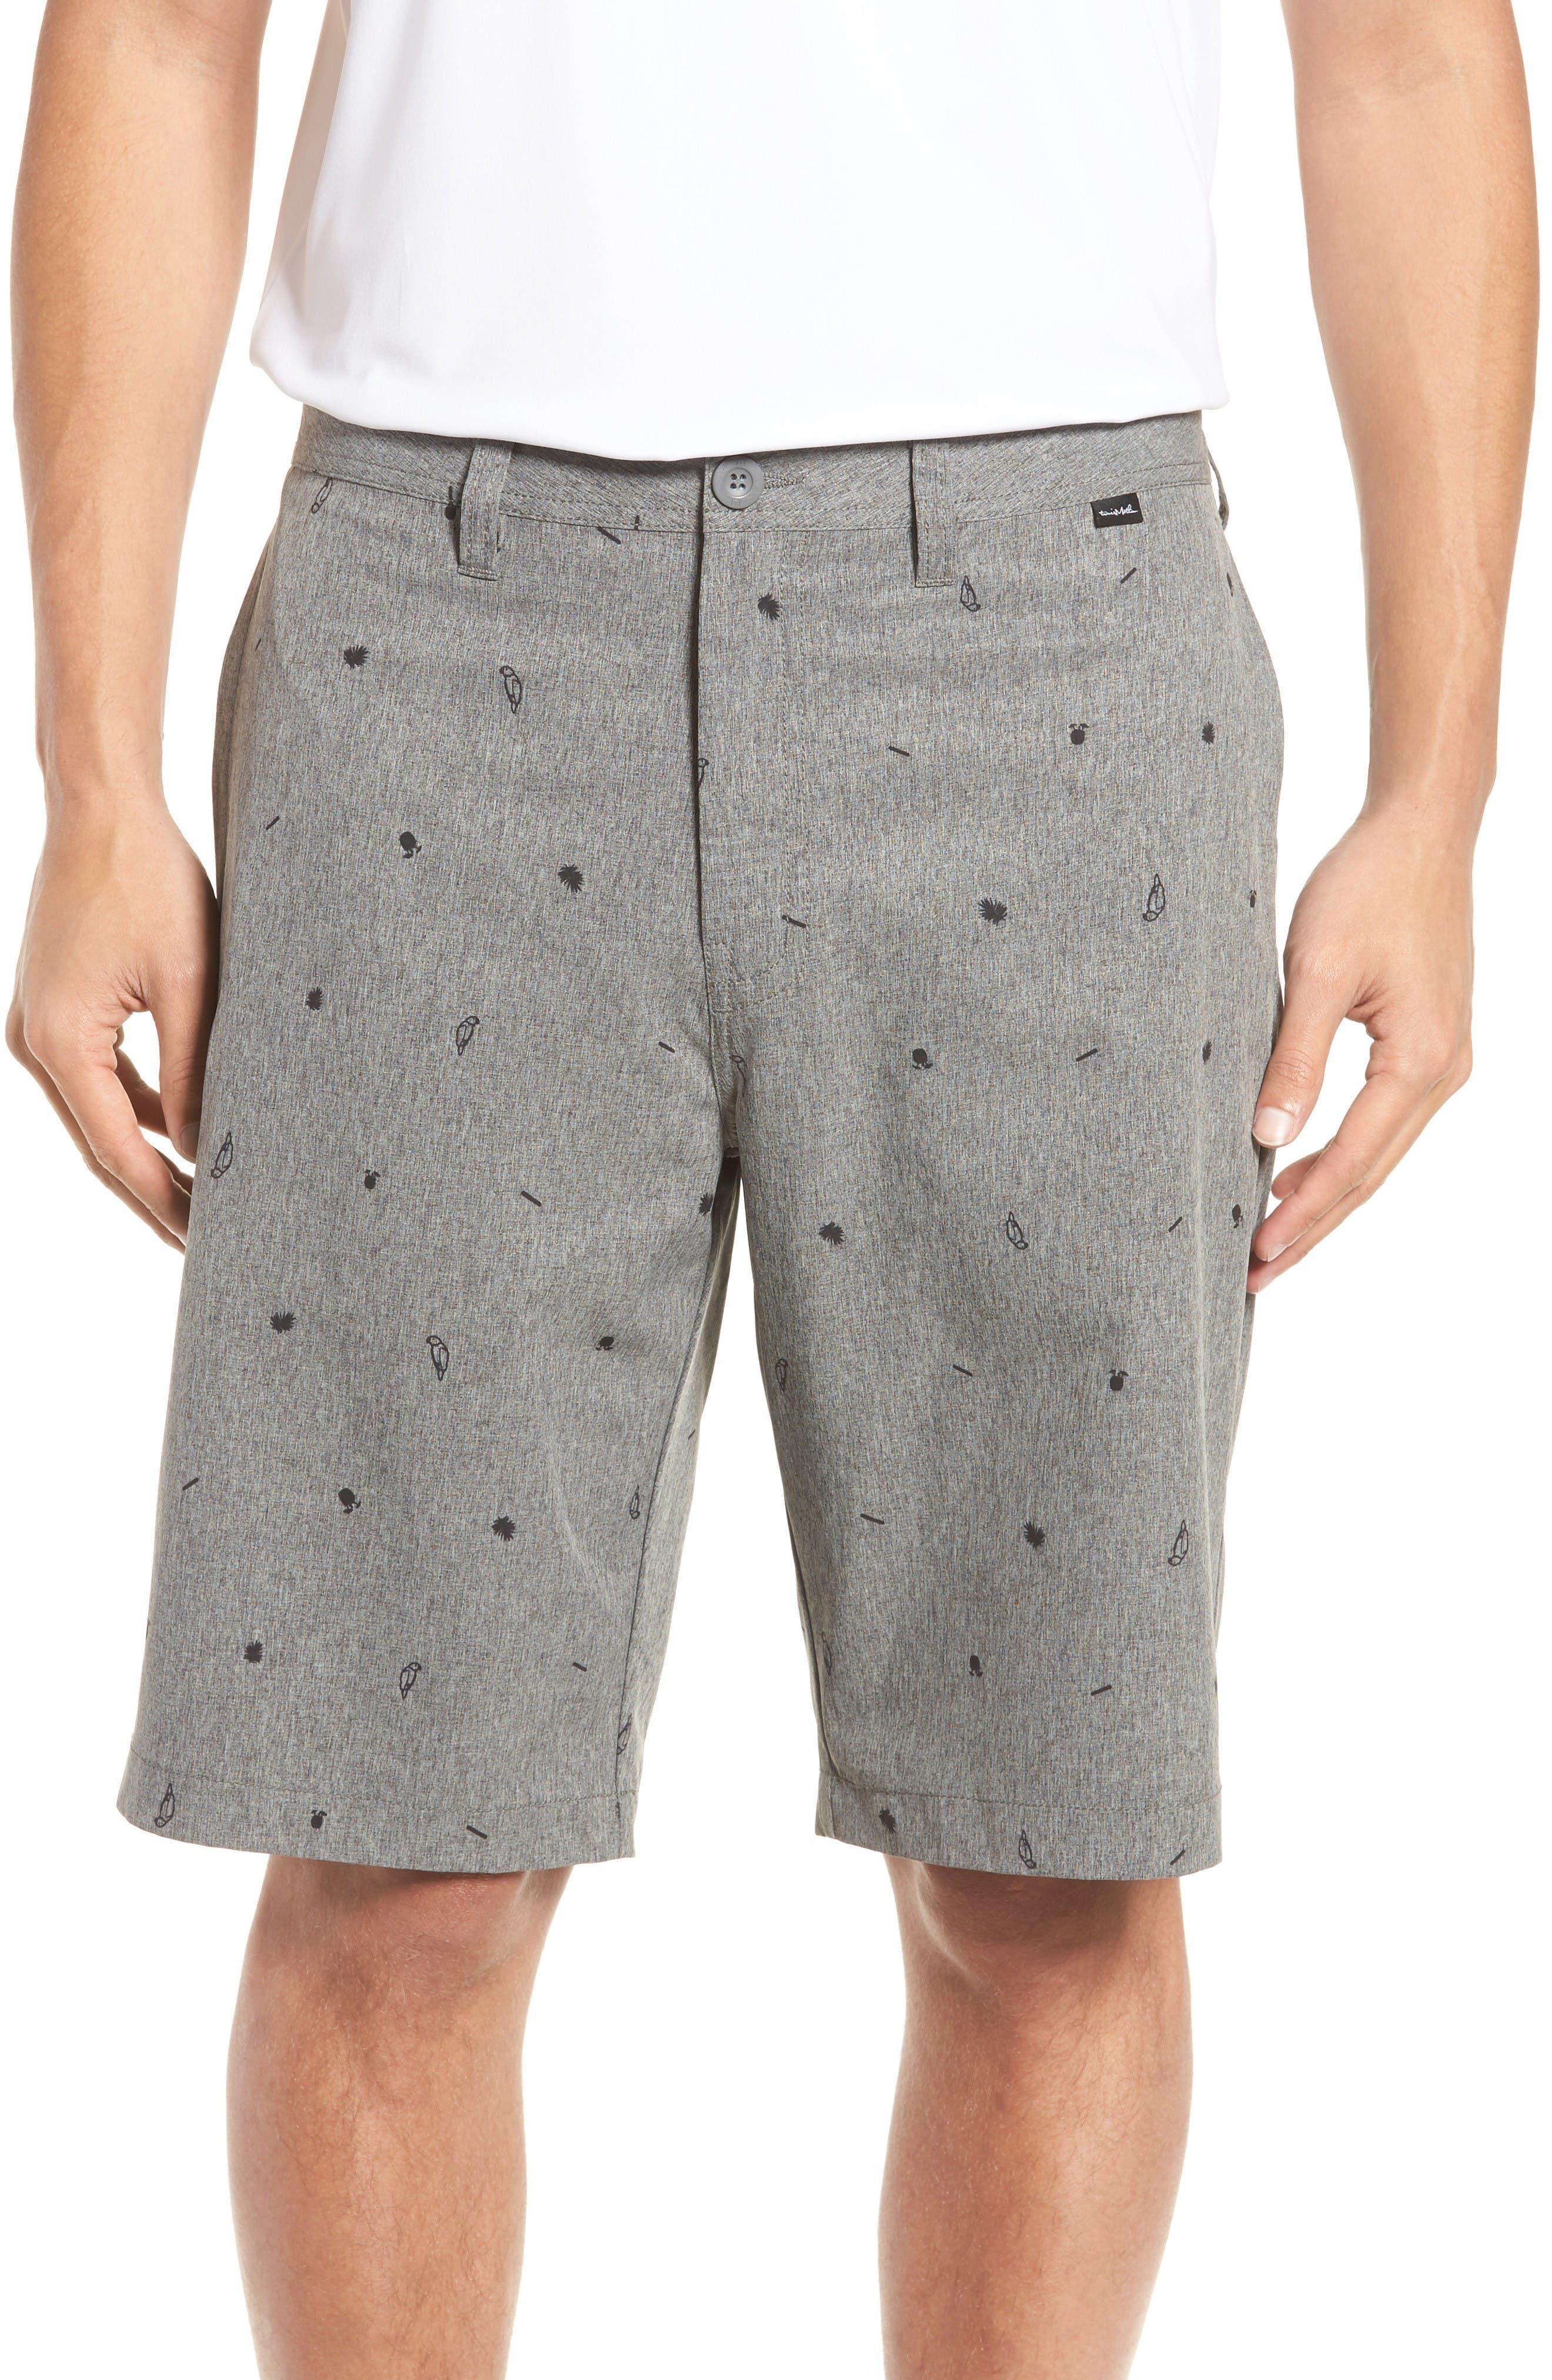 Panek Print Shorts,                         Main,                         color, Heather Quiet Shade